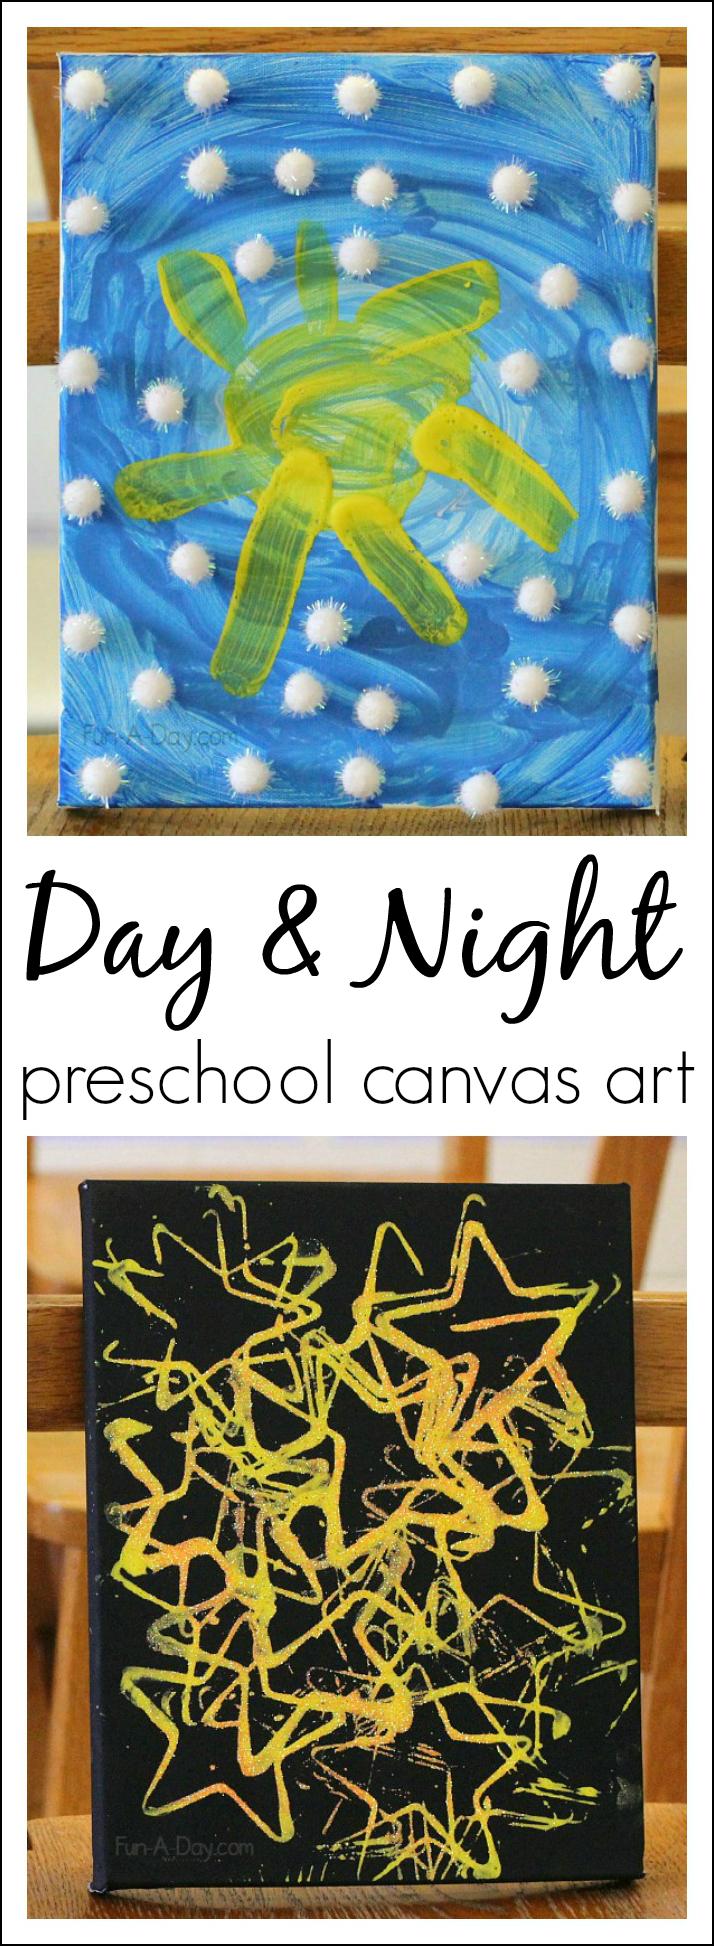 学龄前儿童的日夜艺术有助于儿童用艺术探索科学概念!比较和对比白天和夜晚的天空。